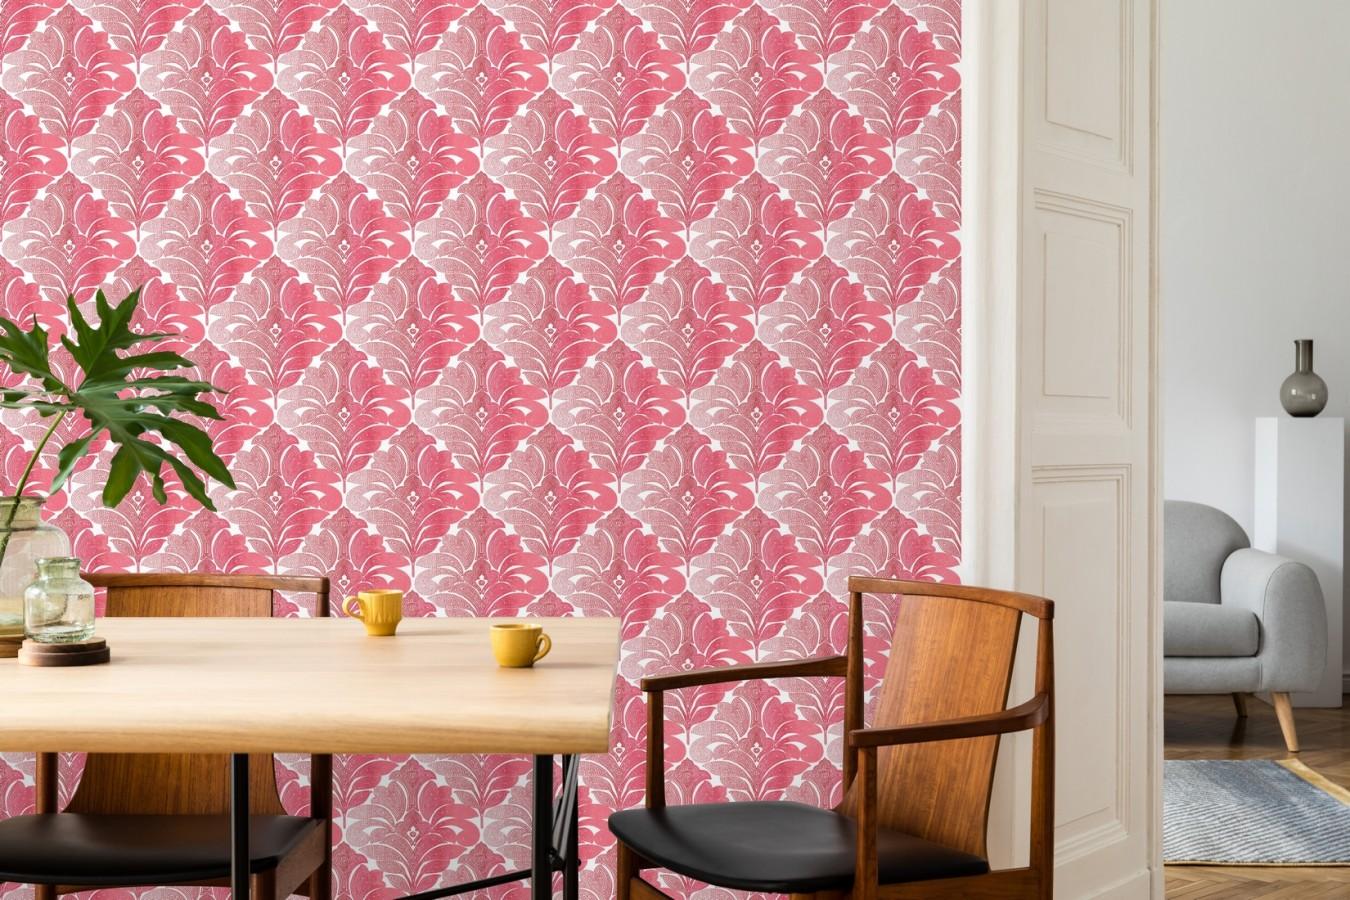 Papel pintado damasco floral moderno tonos rojos Villa Borghese 679759